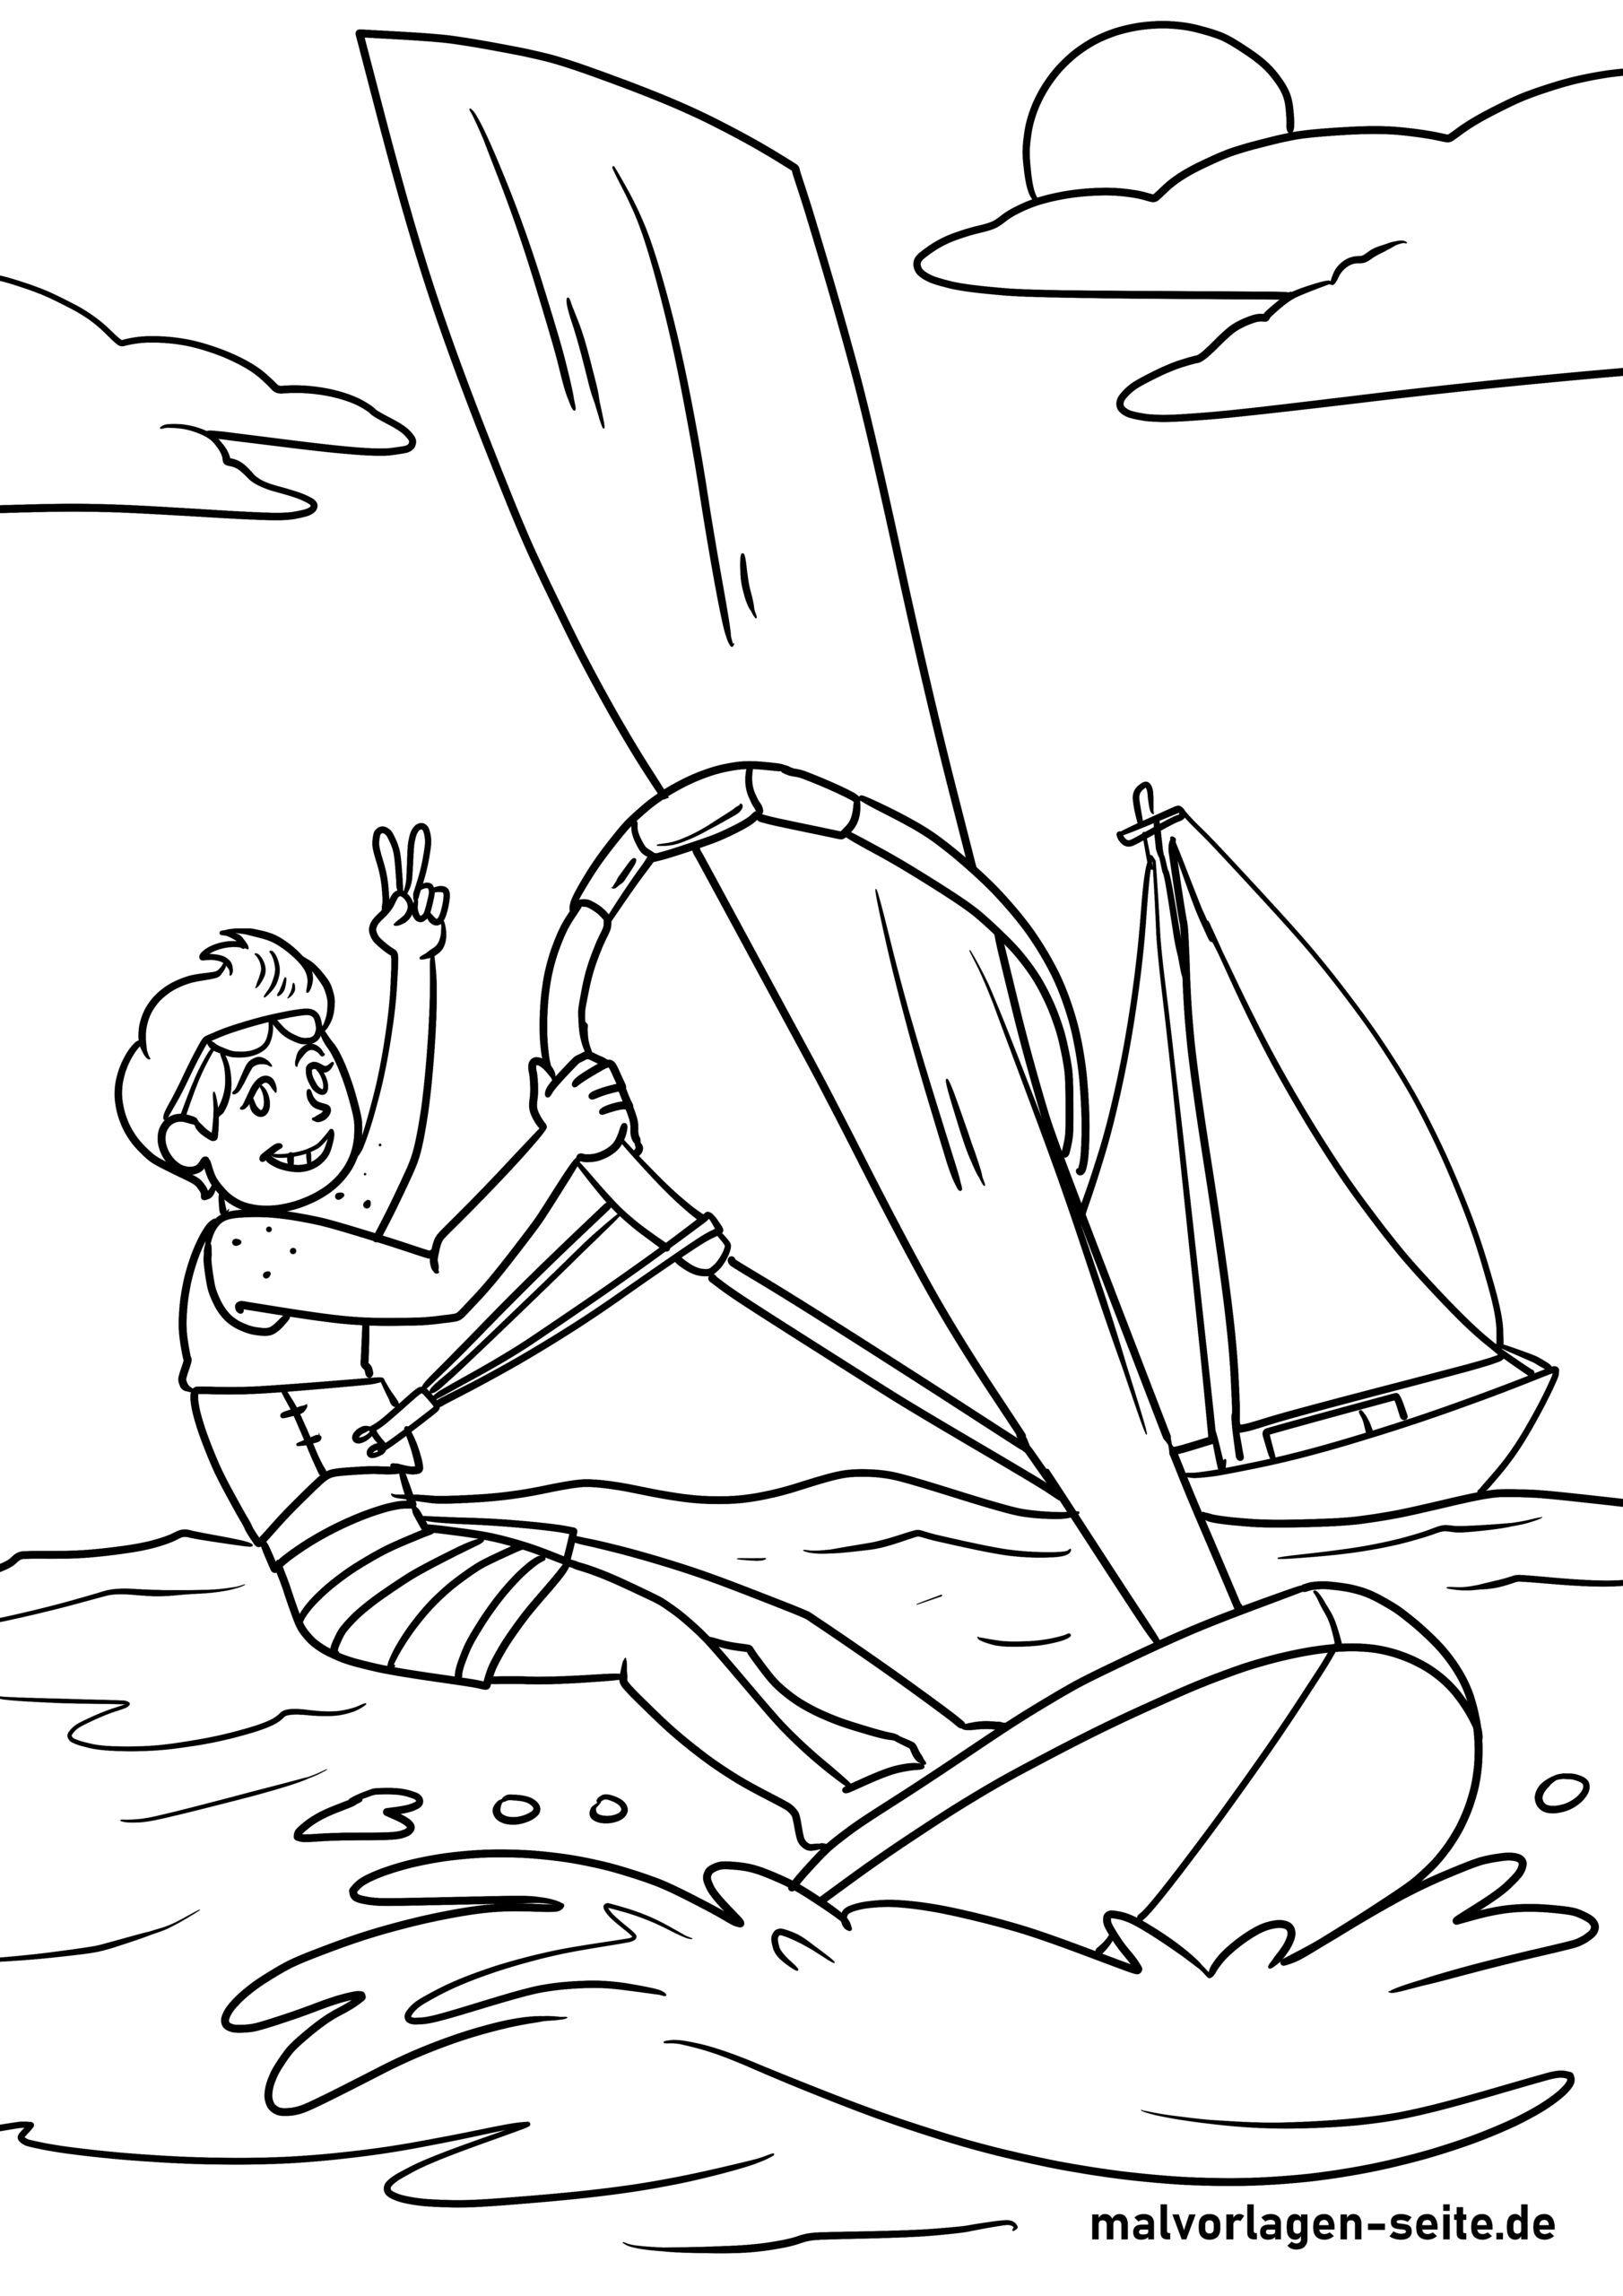 Boyama səhifəsində sörf